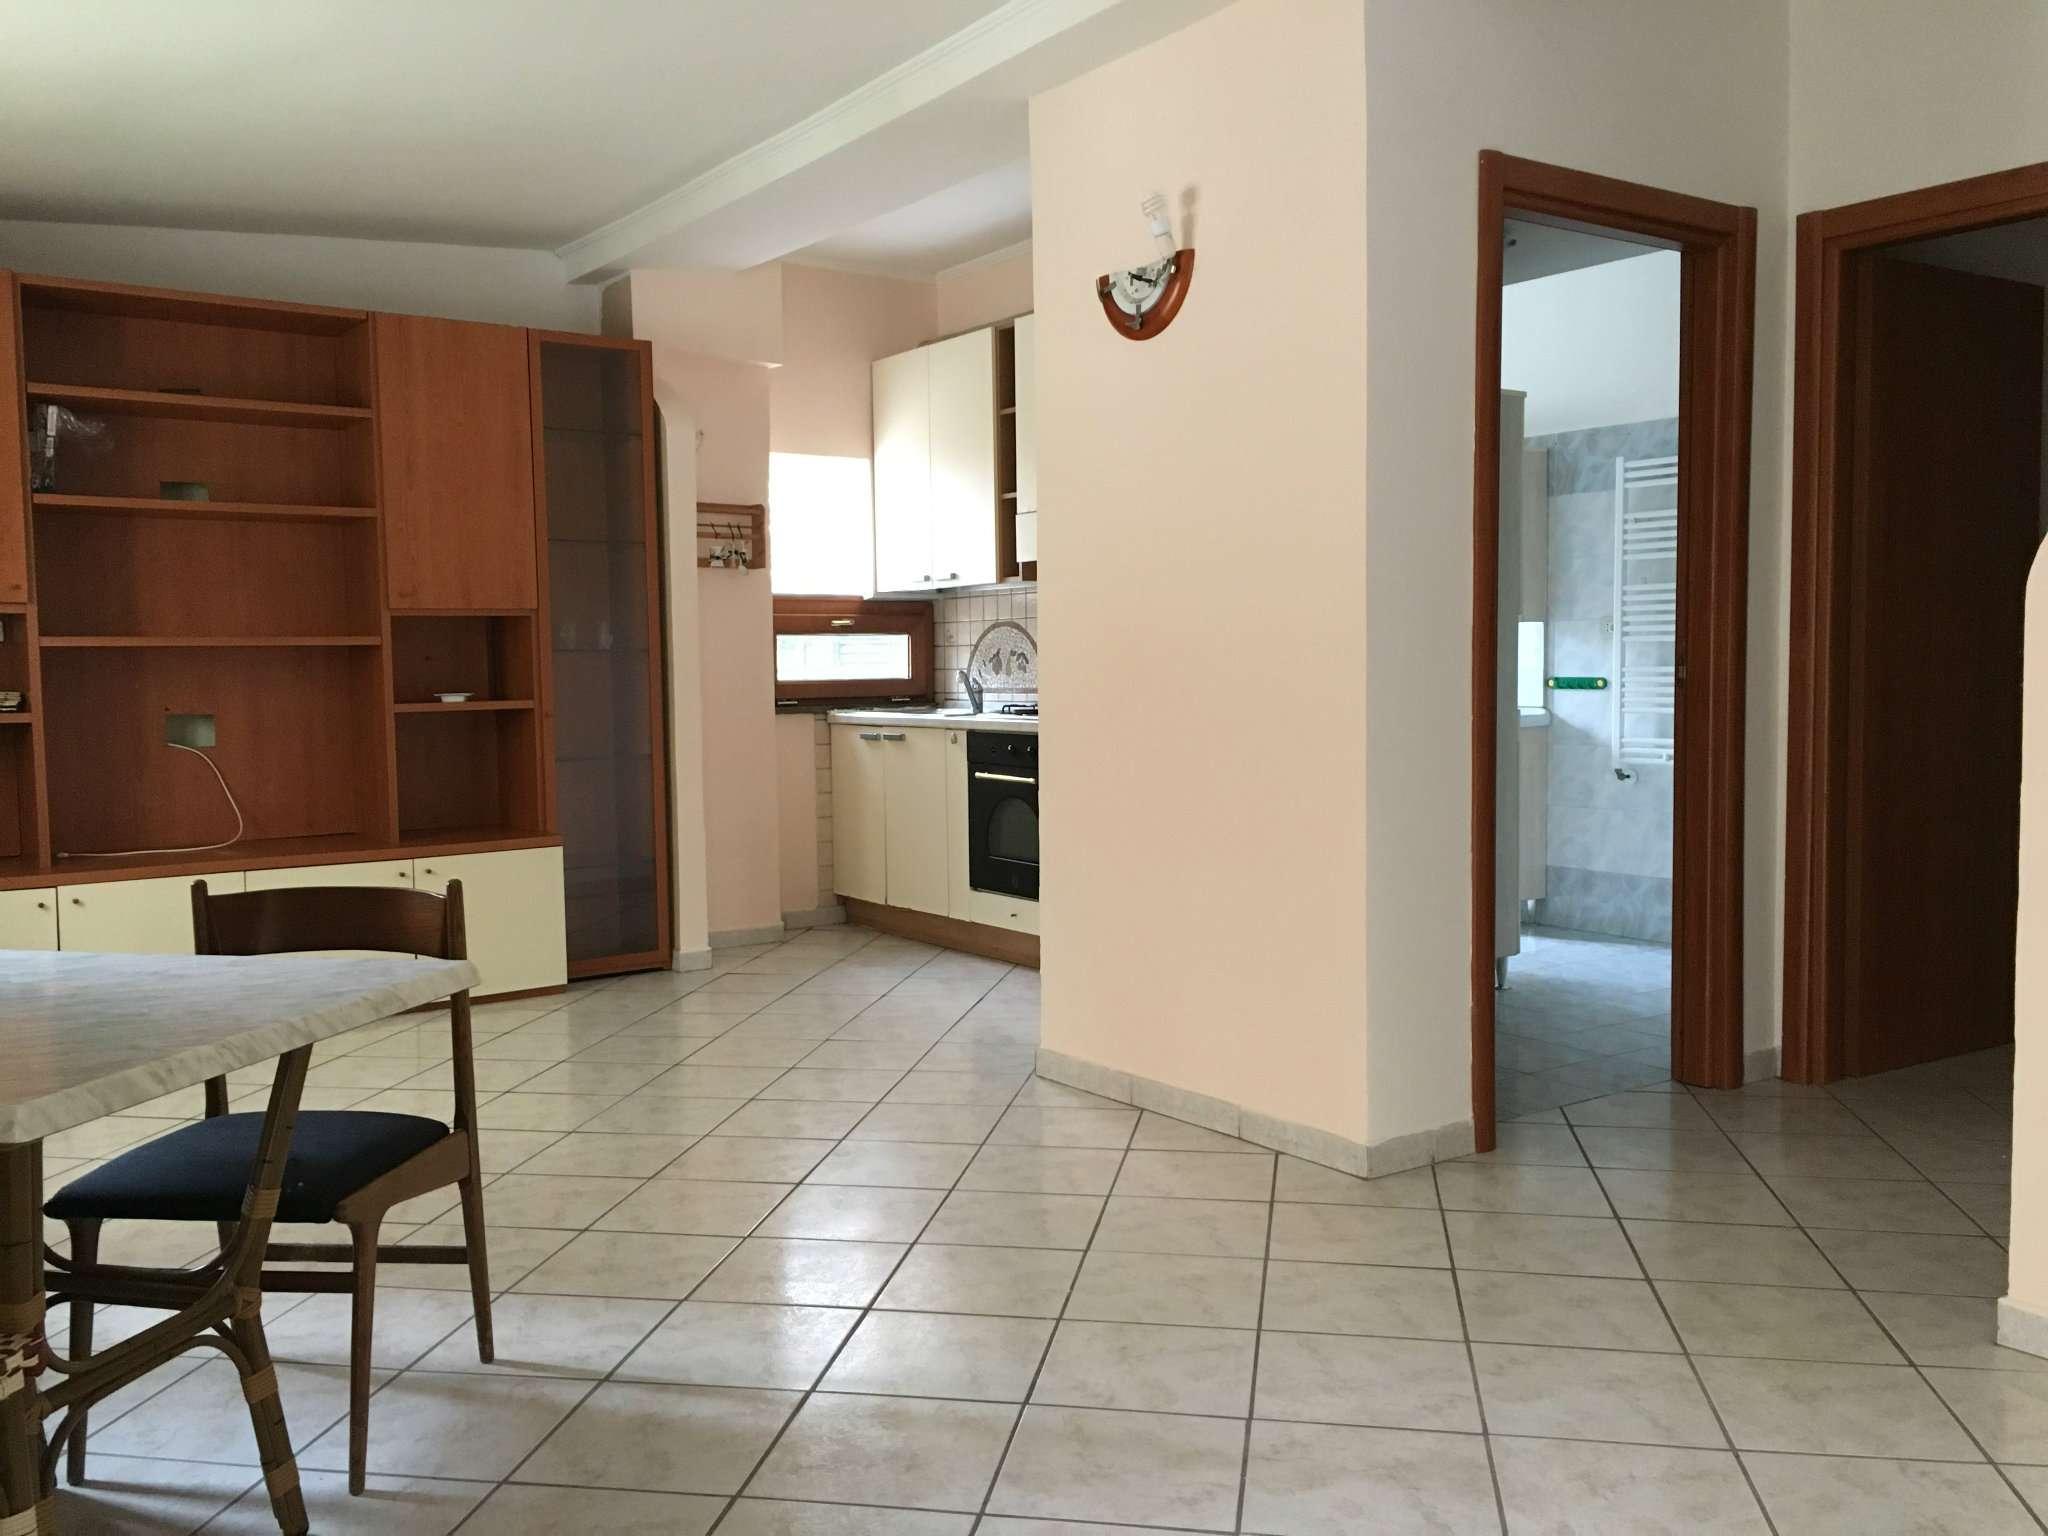 Soluzione Indipendente in vendita a Pomezia, 3 locali, prezzo € 105.000 | Cambio Casa.it